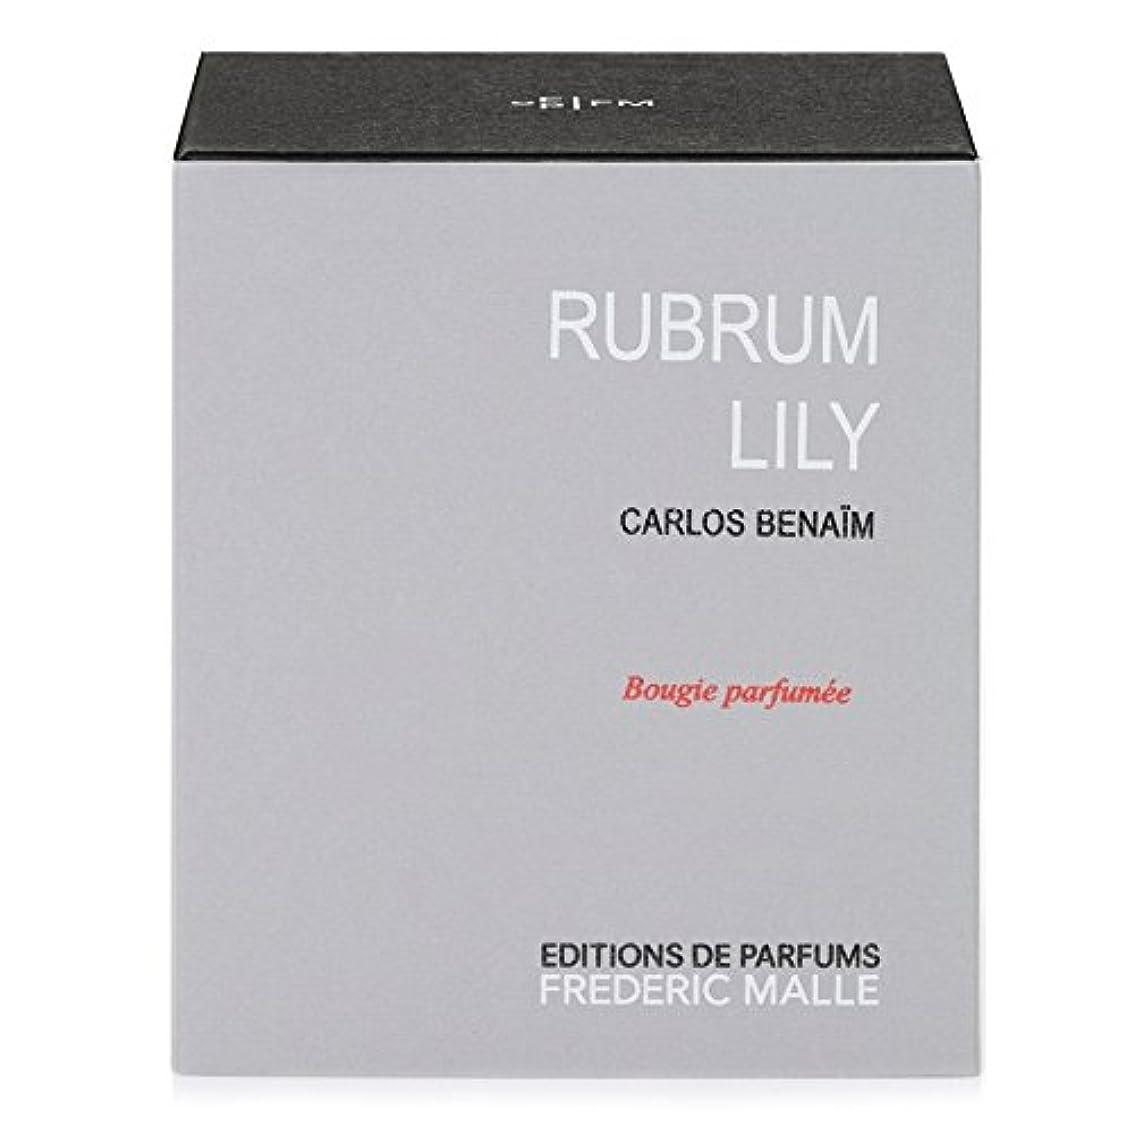 くつろぎパパ続編Frederic Malle Rubrum Lily Scented Candle (Pack of 4) - フレデリック?マルルブルムユリの香りのキャンドル x4 [並行輸入品]